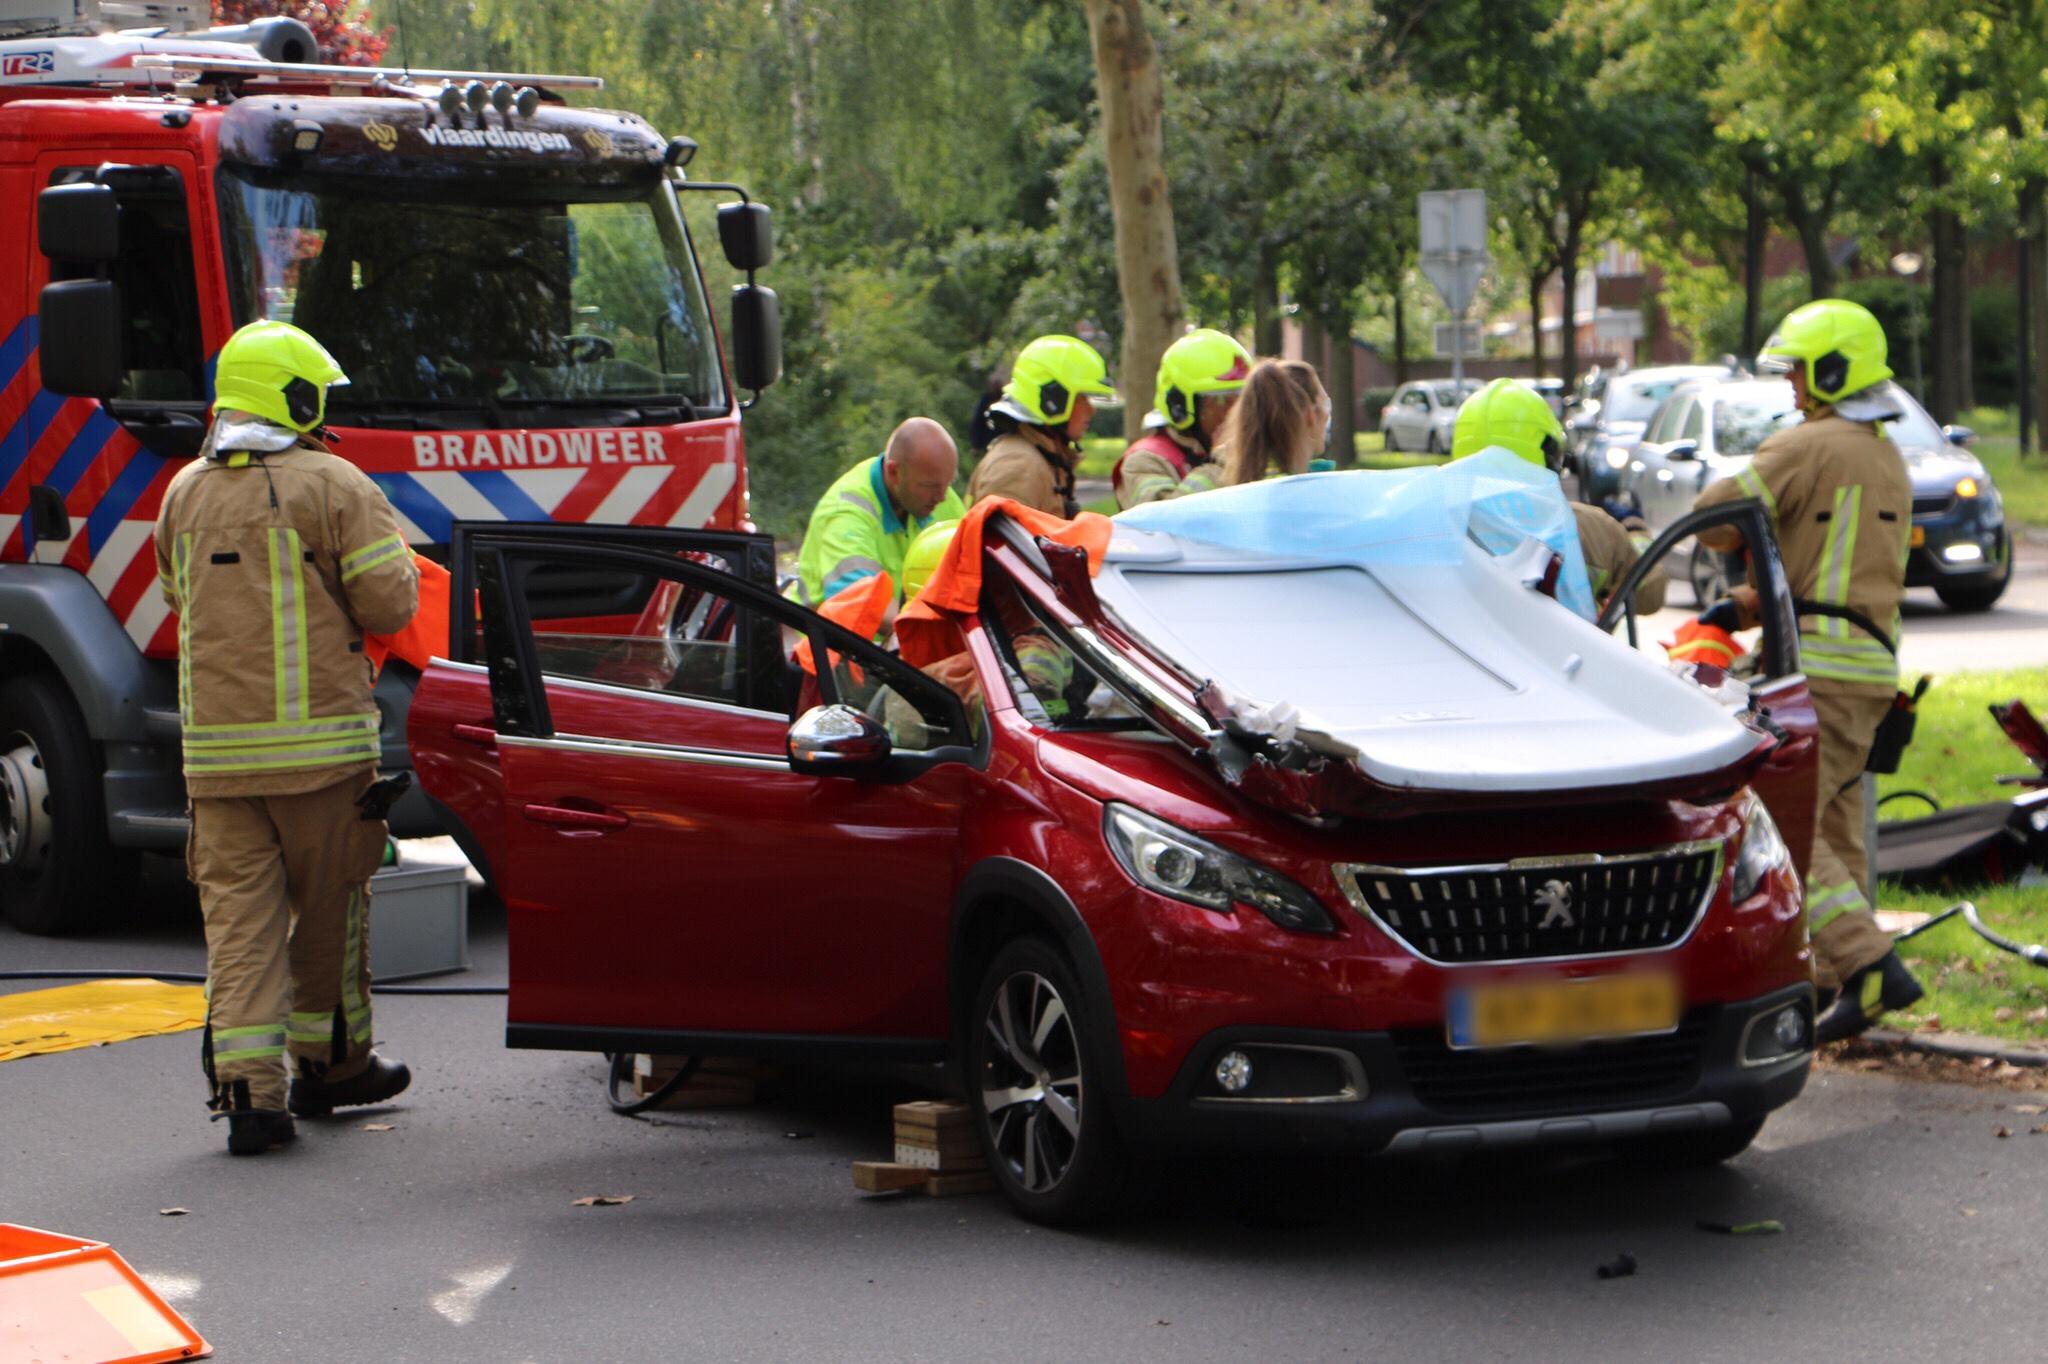 Brandweer knipt dak van auto open na ongeval.